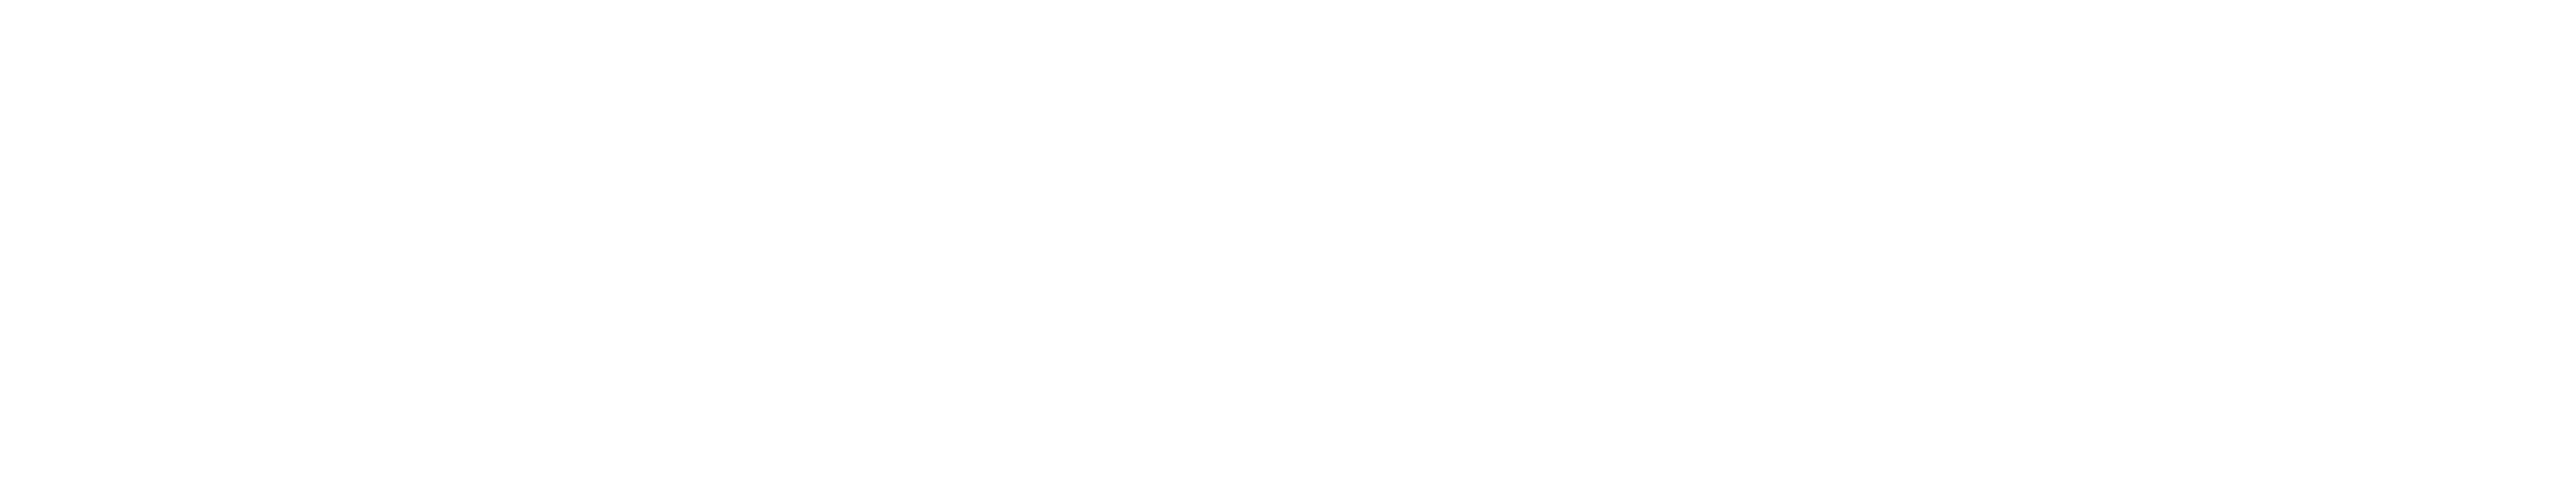 Moon 40